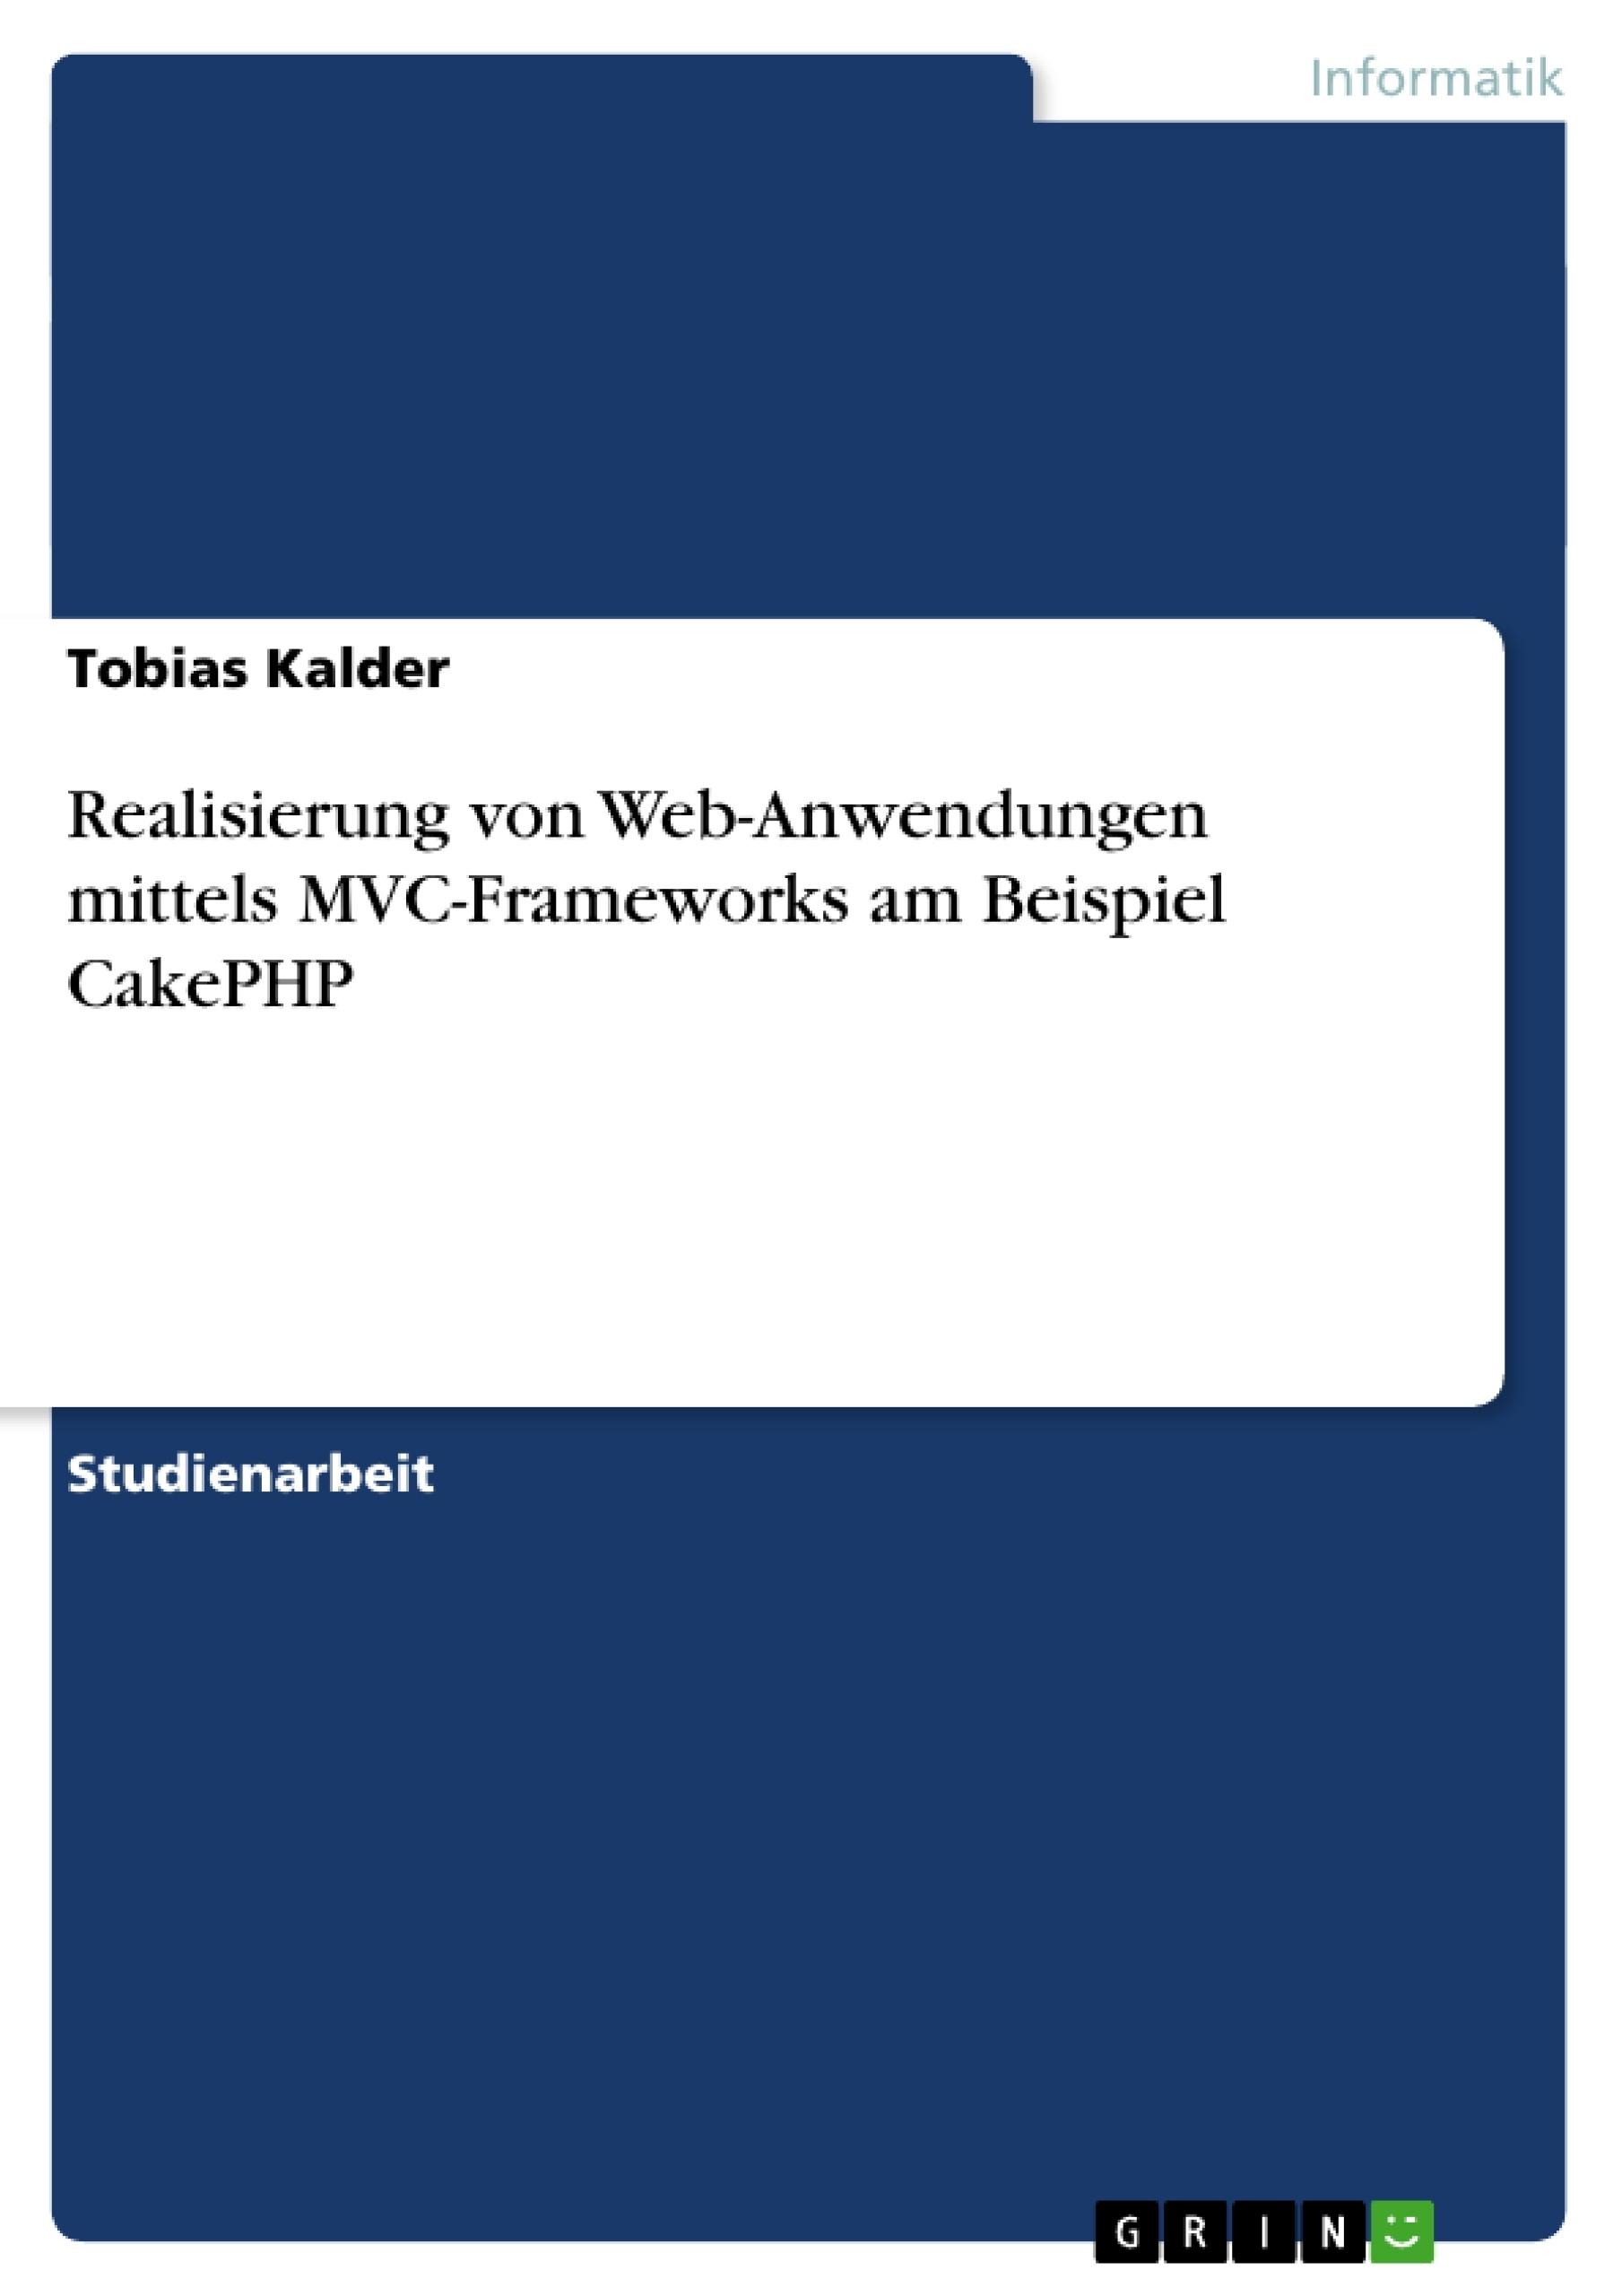 Titel: Realisierung von Web-Anwendungen mittels MVC-Frameworks am Beispiel CakePHP